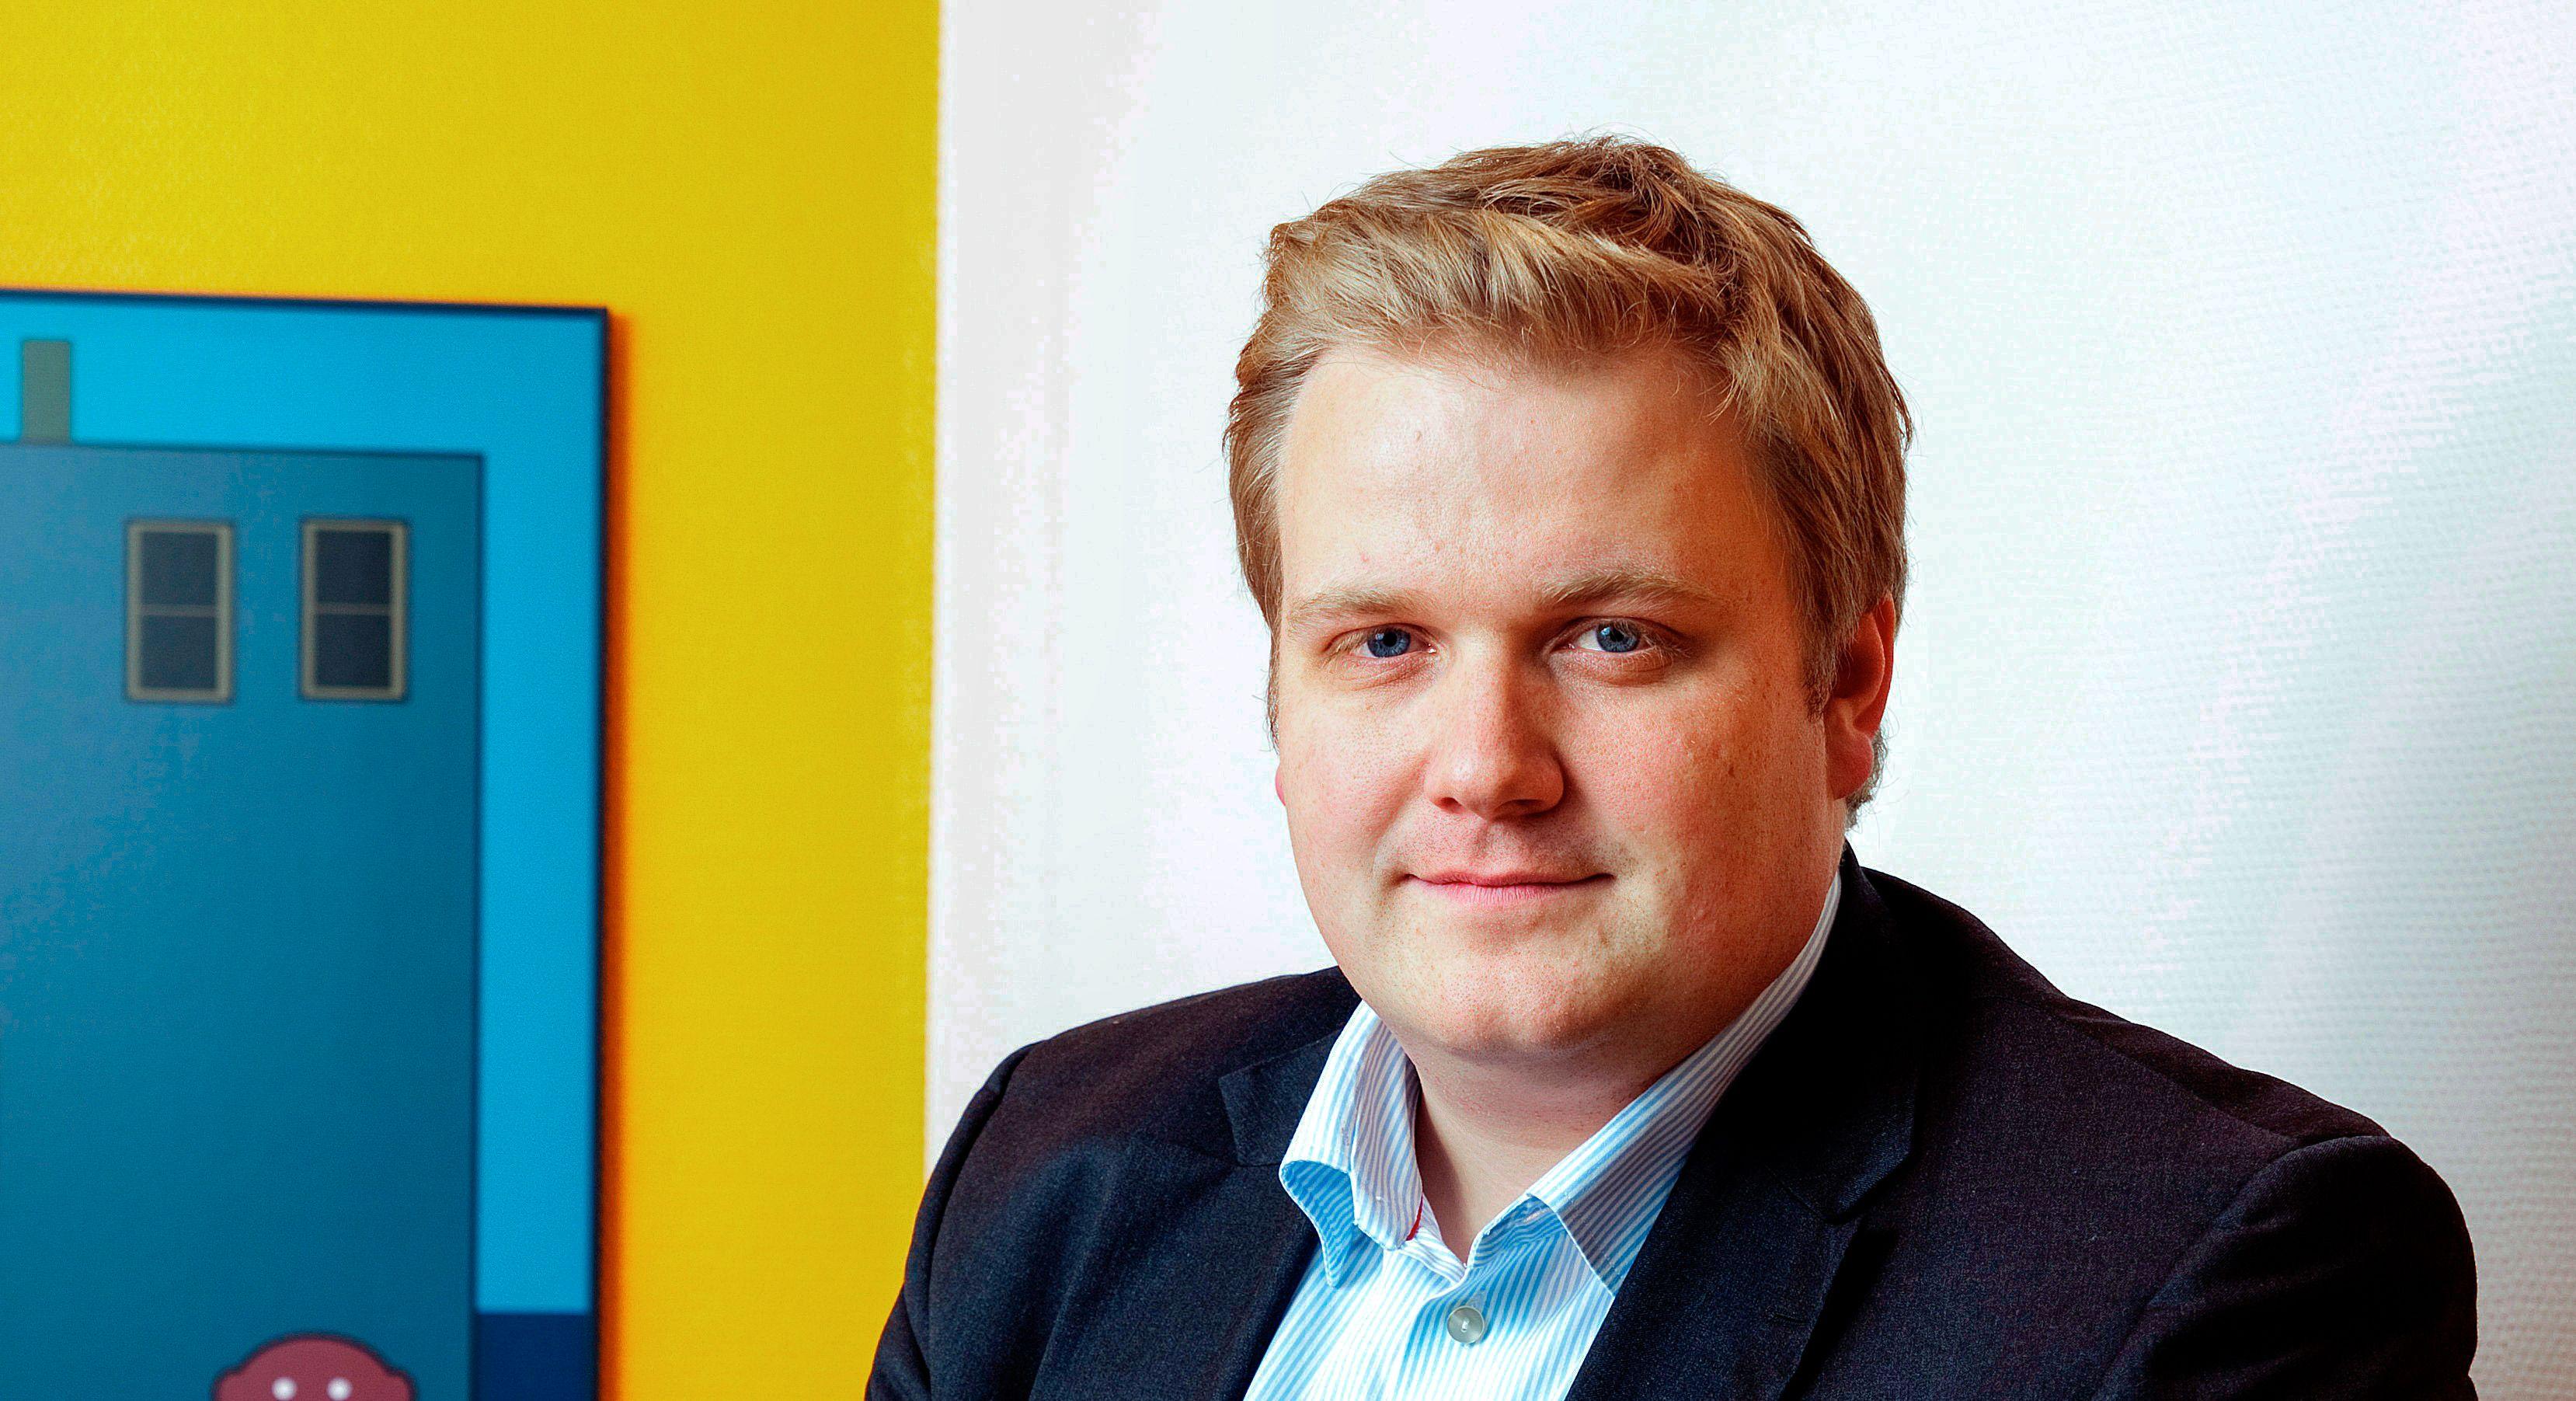 Chilimobil-sjef Lars Ryen Mill lanserer Norges første abonnement med fri databruk - men ikke uten begrensninger. Bilde: Chilimobil